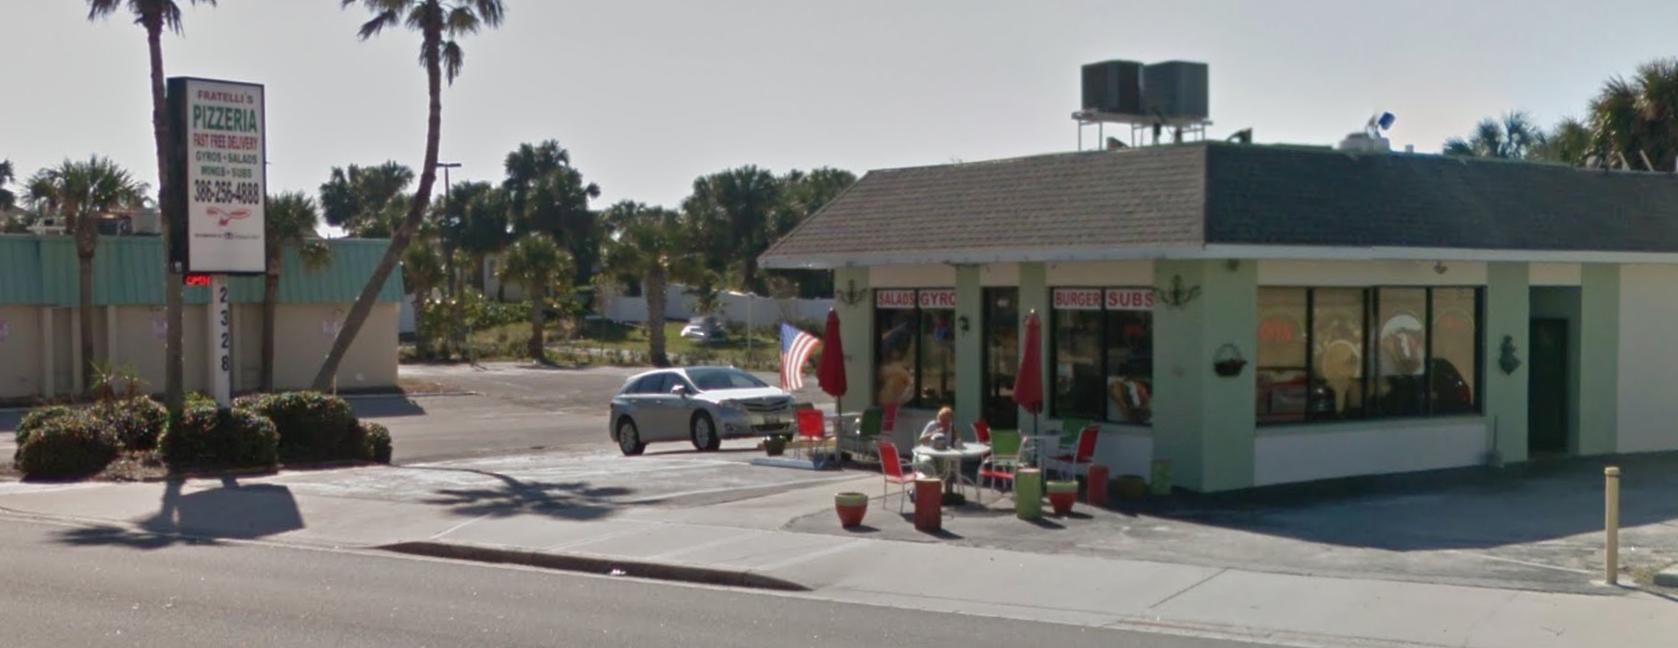 Pizza Daytona Beach Shores